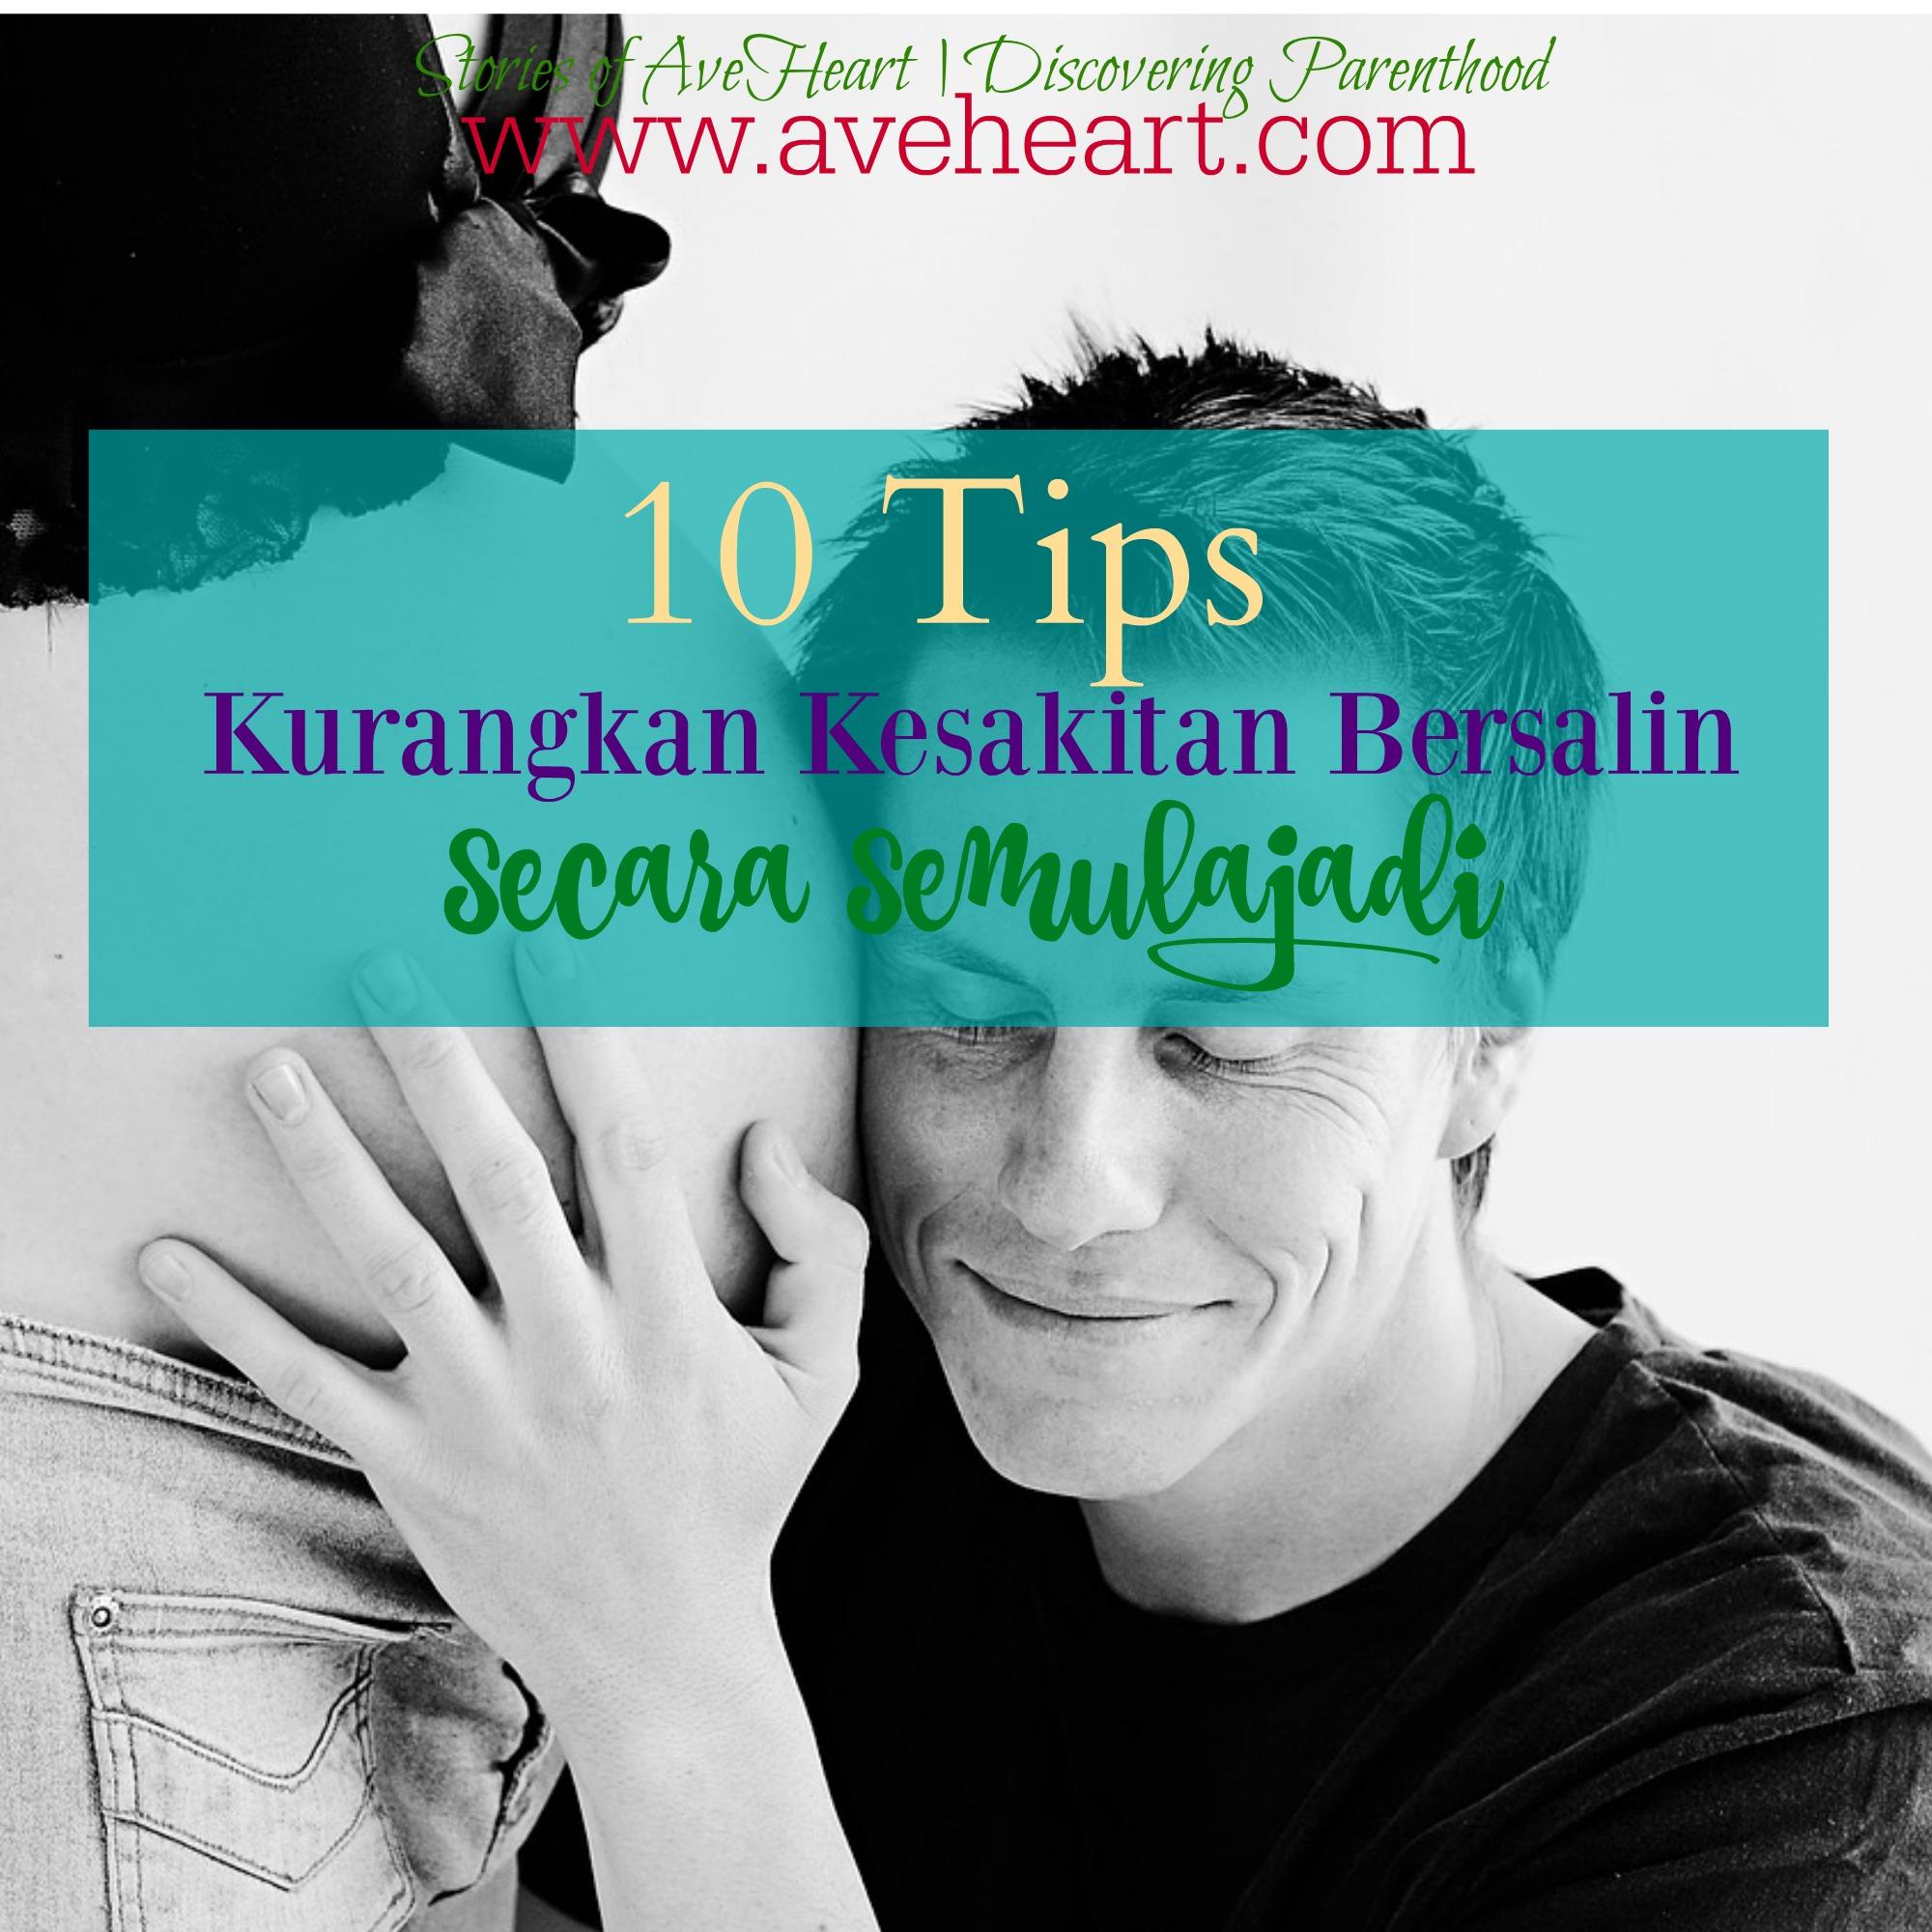 10 Tips Kurangkan Kesakitan Bersalin Secara Semulajadi